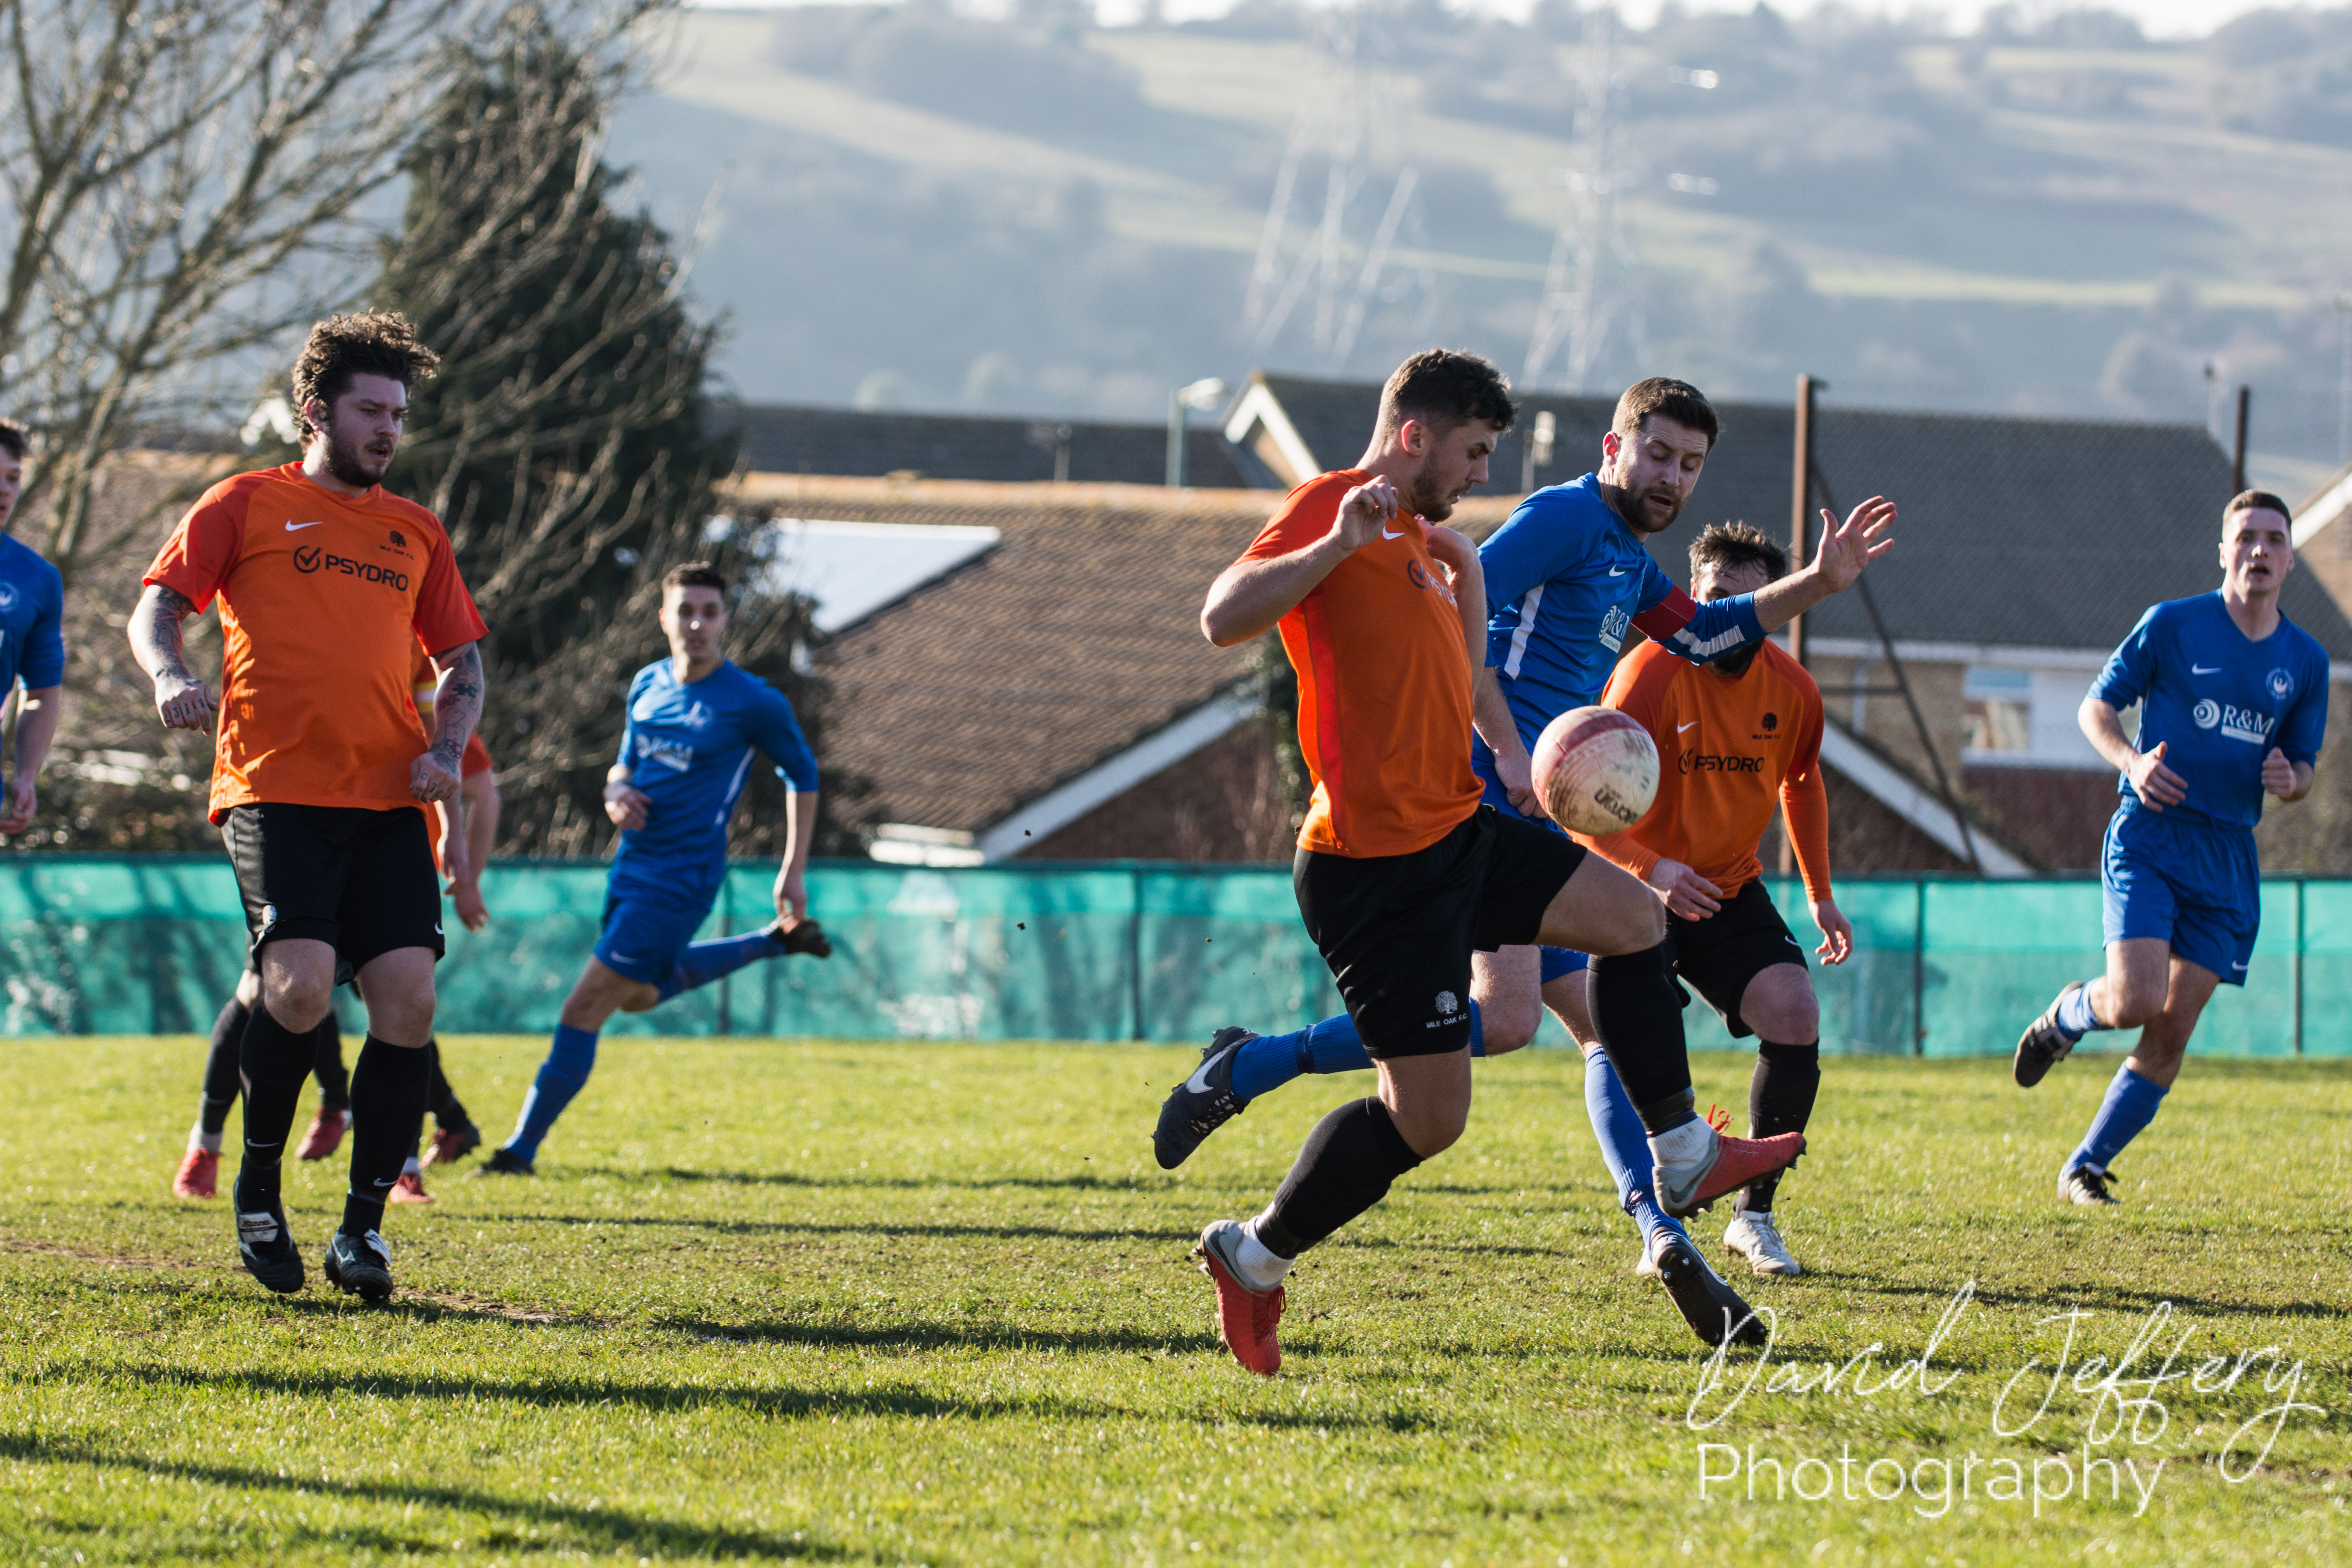 DAVID_JEFFERY MOFC vs Storrington 017